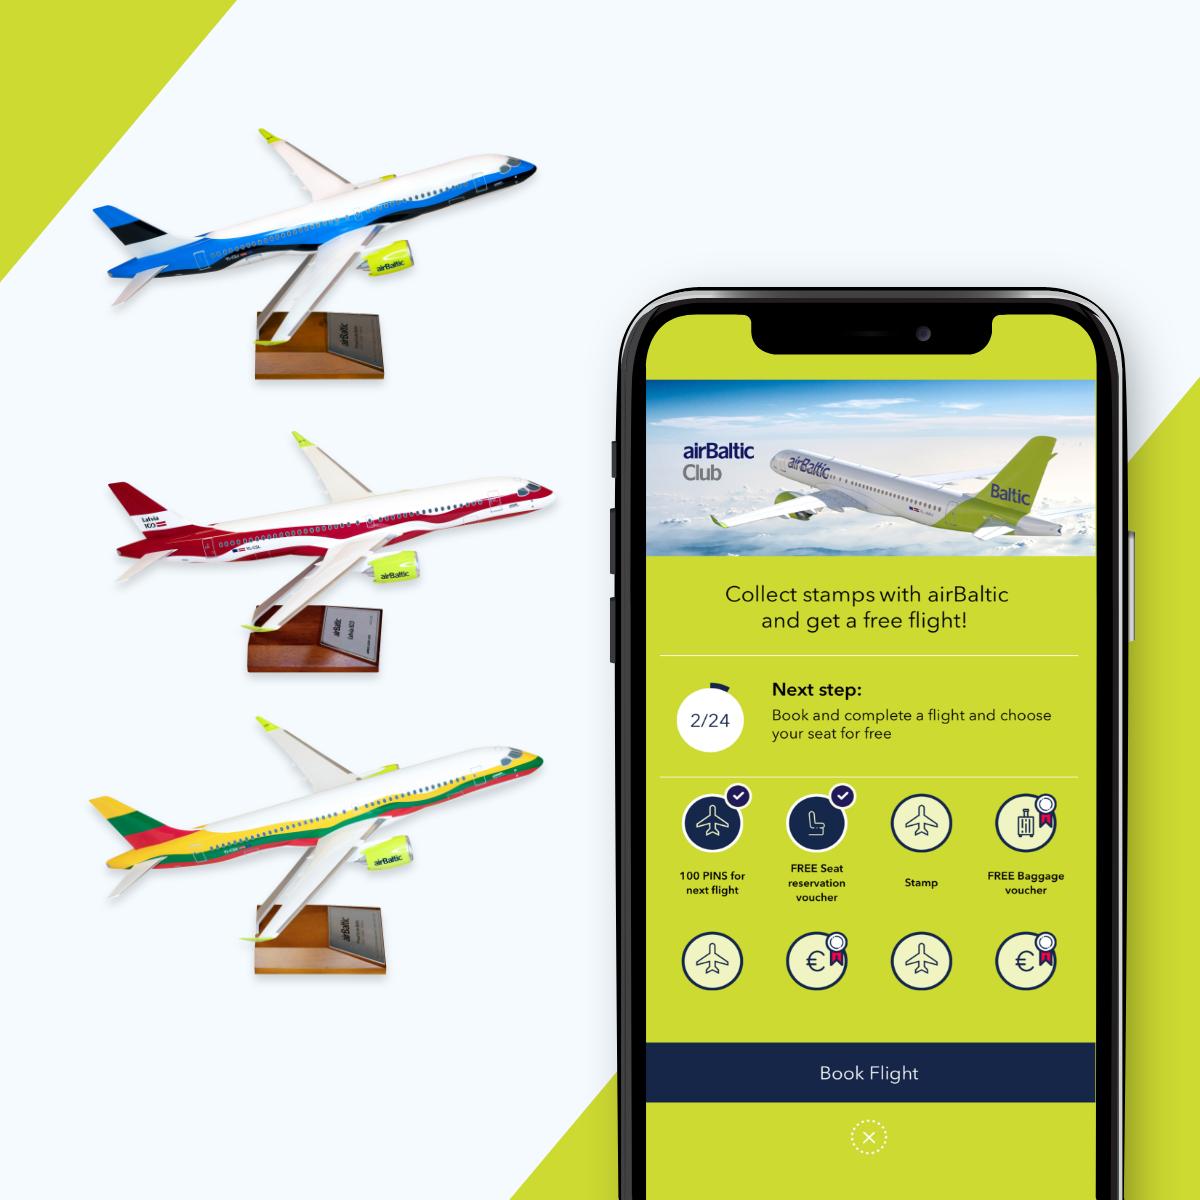 Начните собирать печати airBaltic Club и выиграйте эксклюзивную модель самолета! image